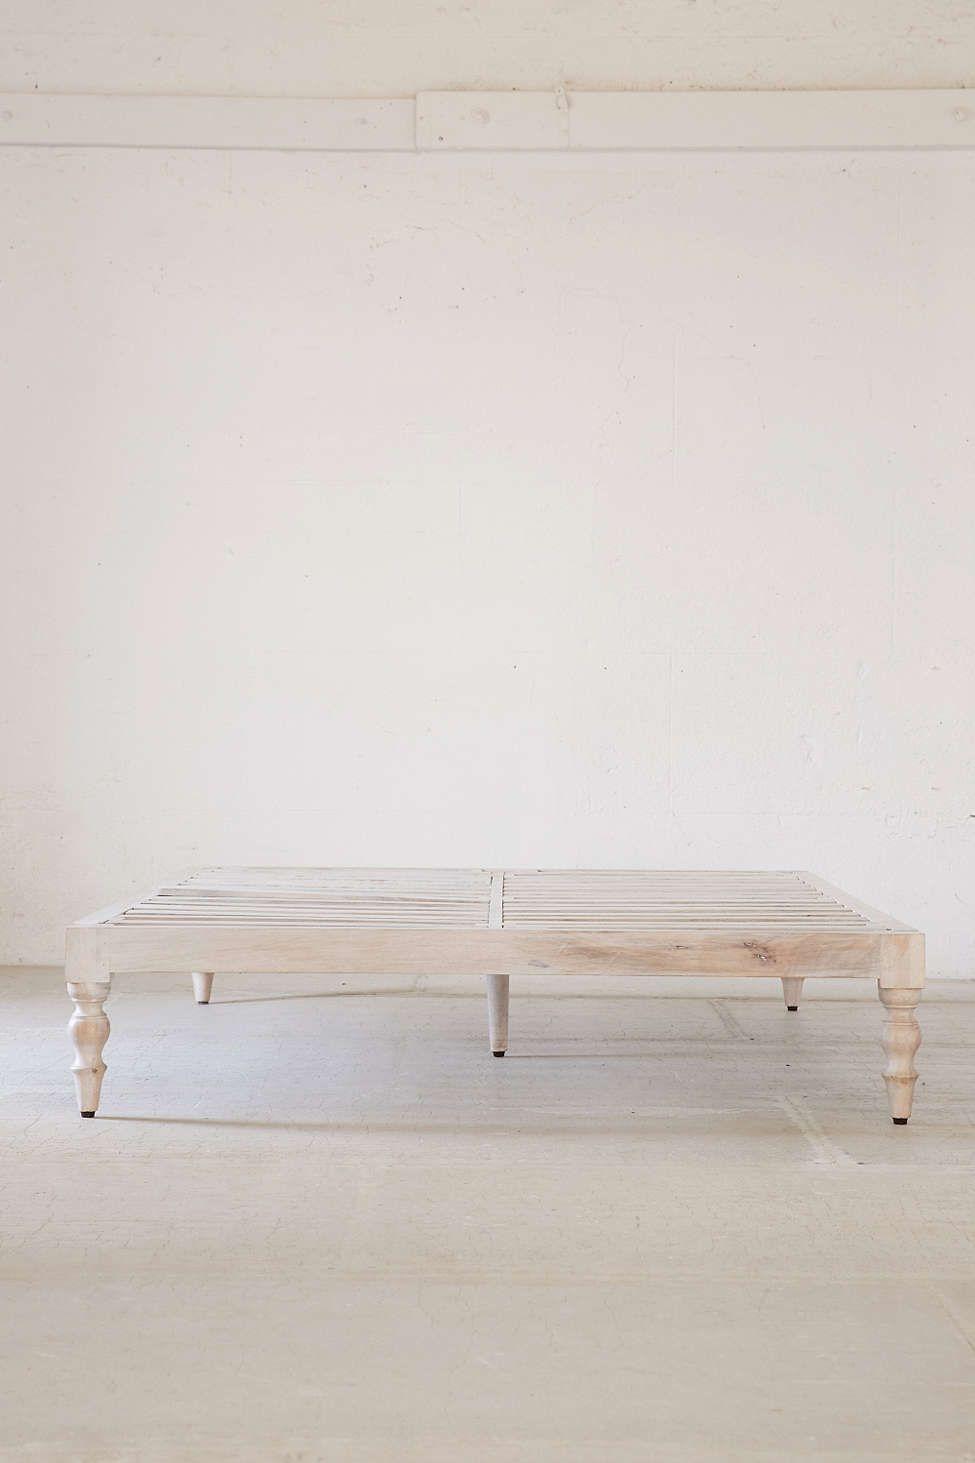 Bohemian Platform Bed   Wooden platform bed, Wood platform ... on Modern Boho Bed Frame  id=96588